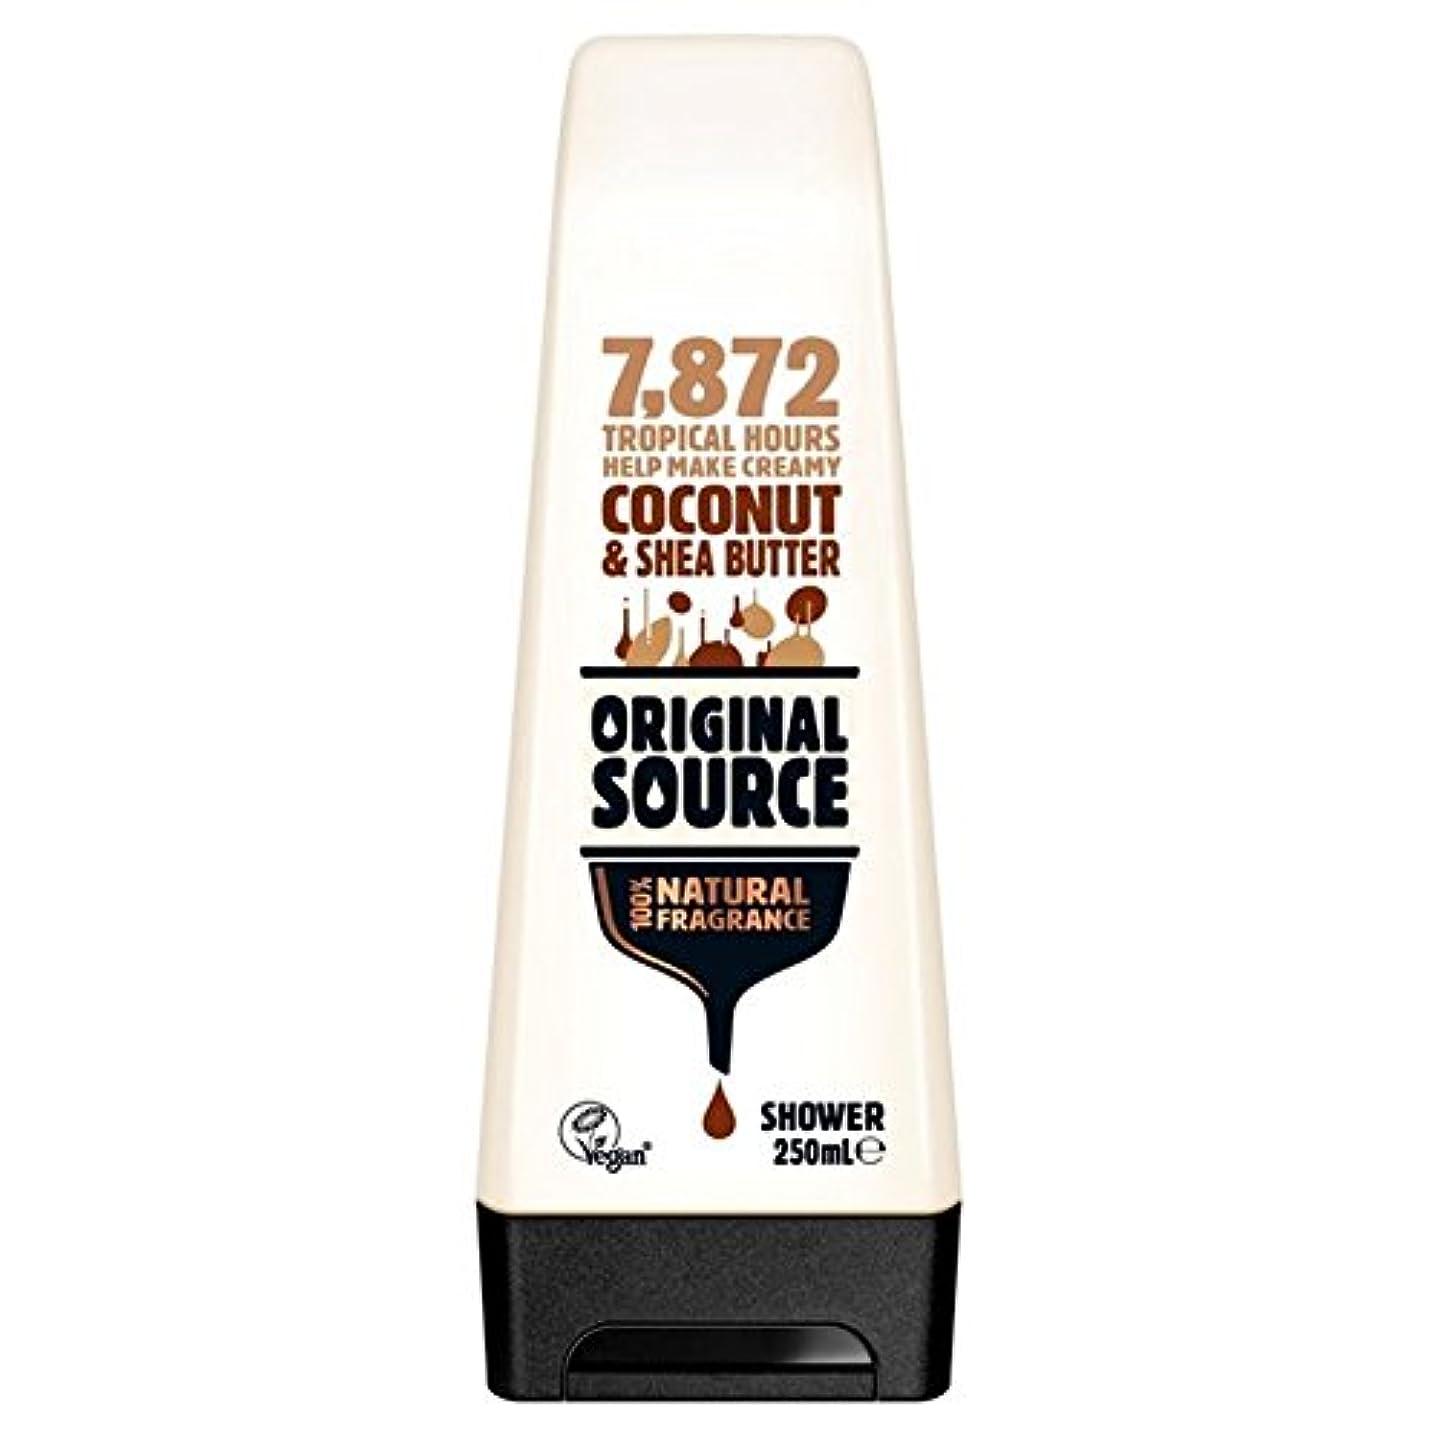 有益世辞ごちそうOriginal Source Moisturising Coconut & Shea Butter Shower Gel 250ml - 元のソース保湿ココナッツ&シアバターシャワージェル250ミリリットル [並行輸入品]